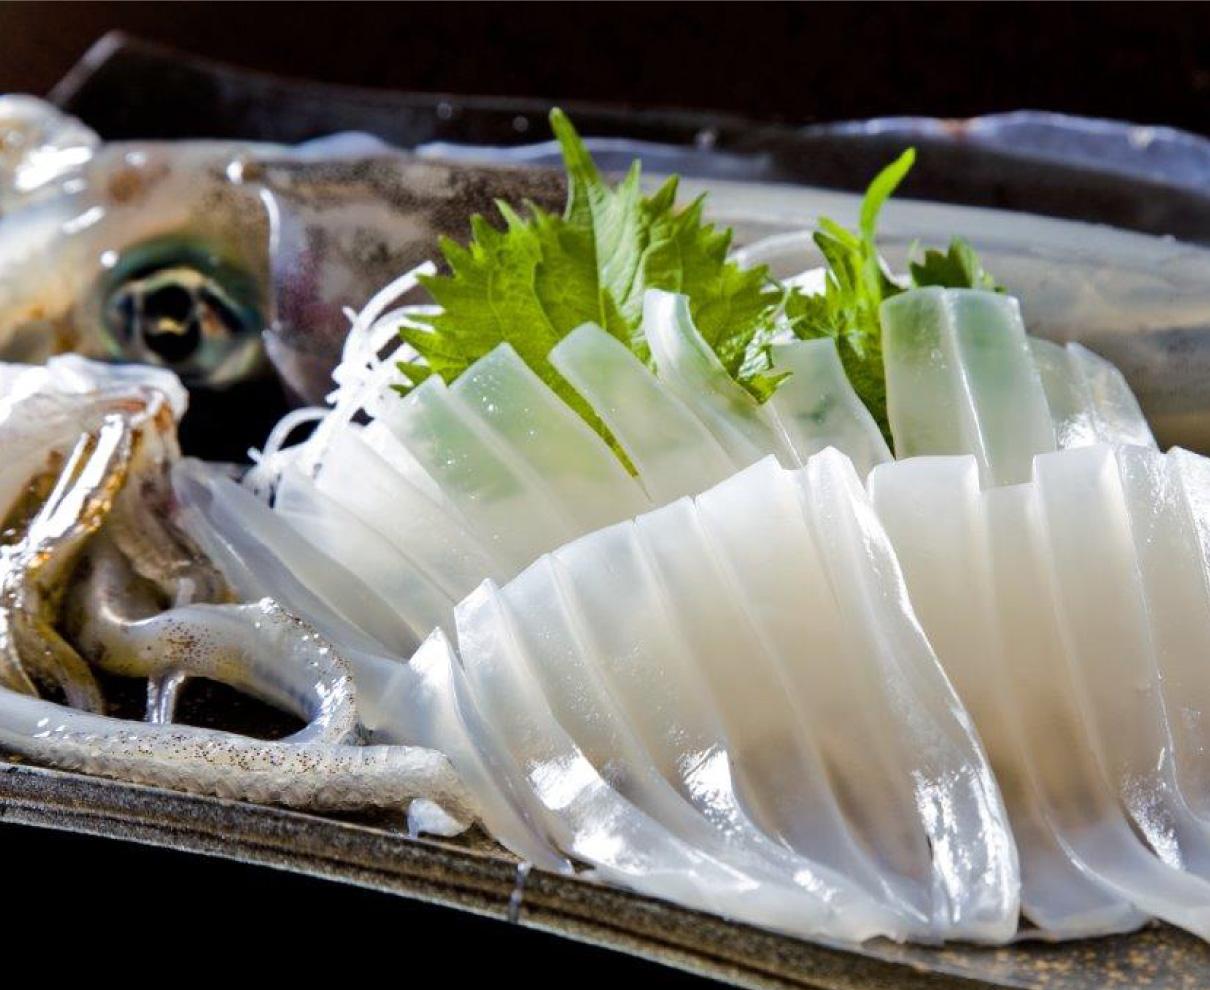 若狭町の旬のグルメは「新アオリイカ」や「若狭ふぐ」! ドライブ気分で美味しい旬を食べに訪れよう。|若狭町